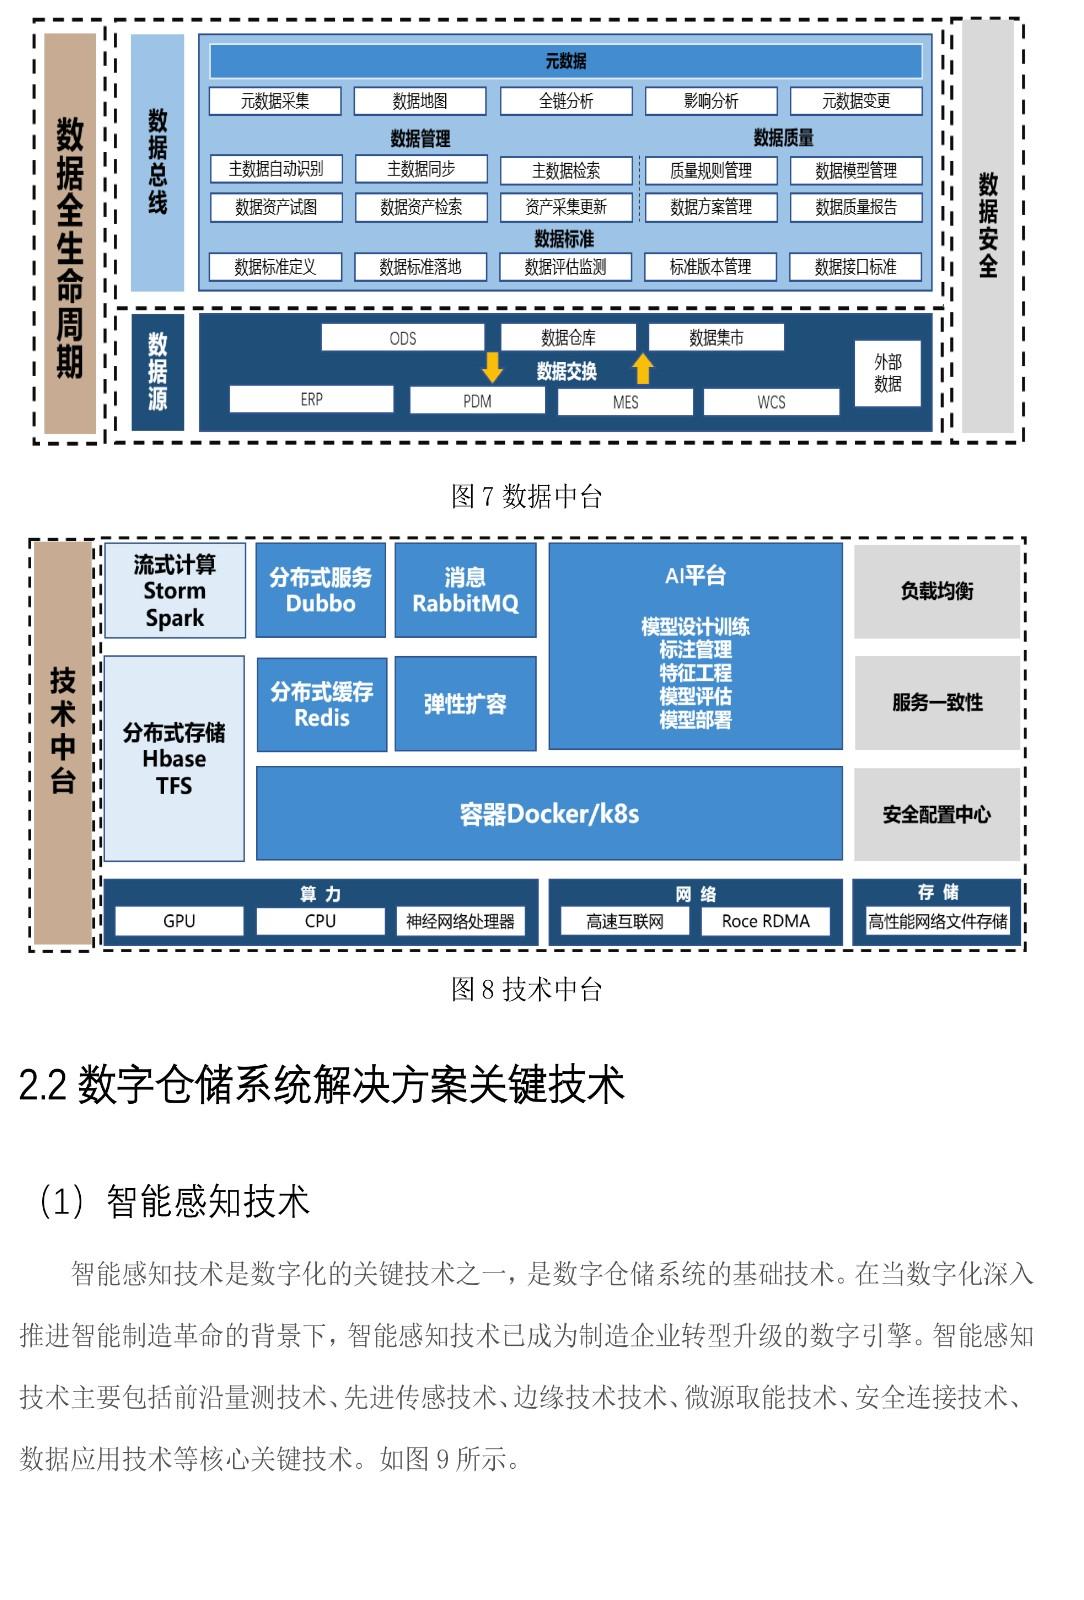 面向智能制造的数字仓储系统解决方案-白皮书V2-8 拷贝.jpg